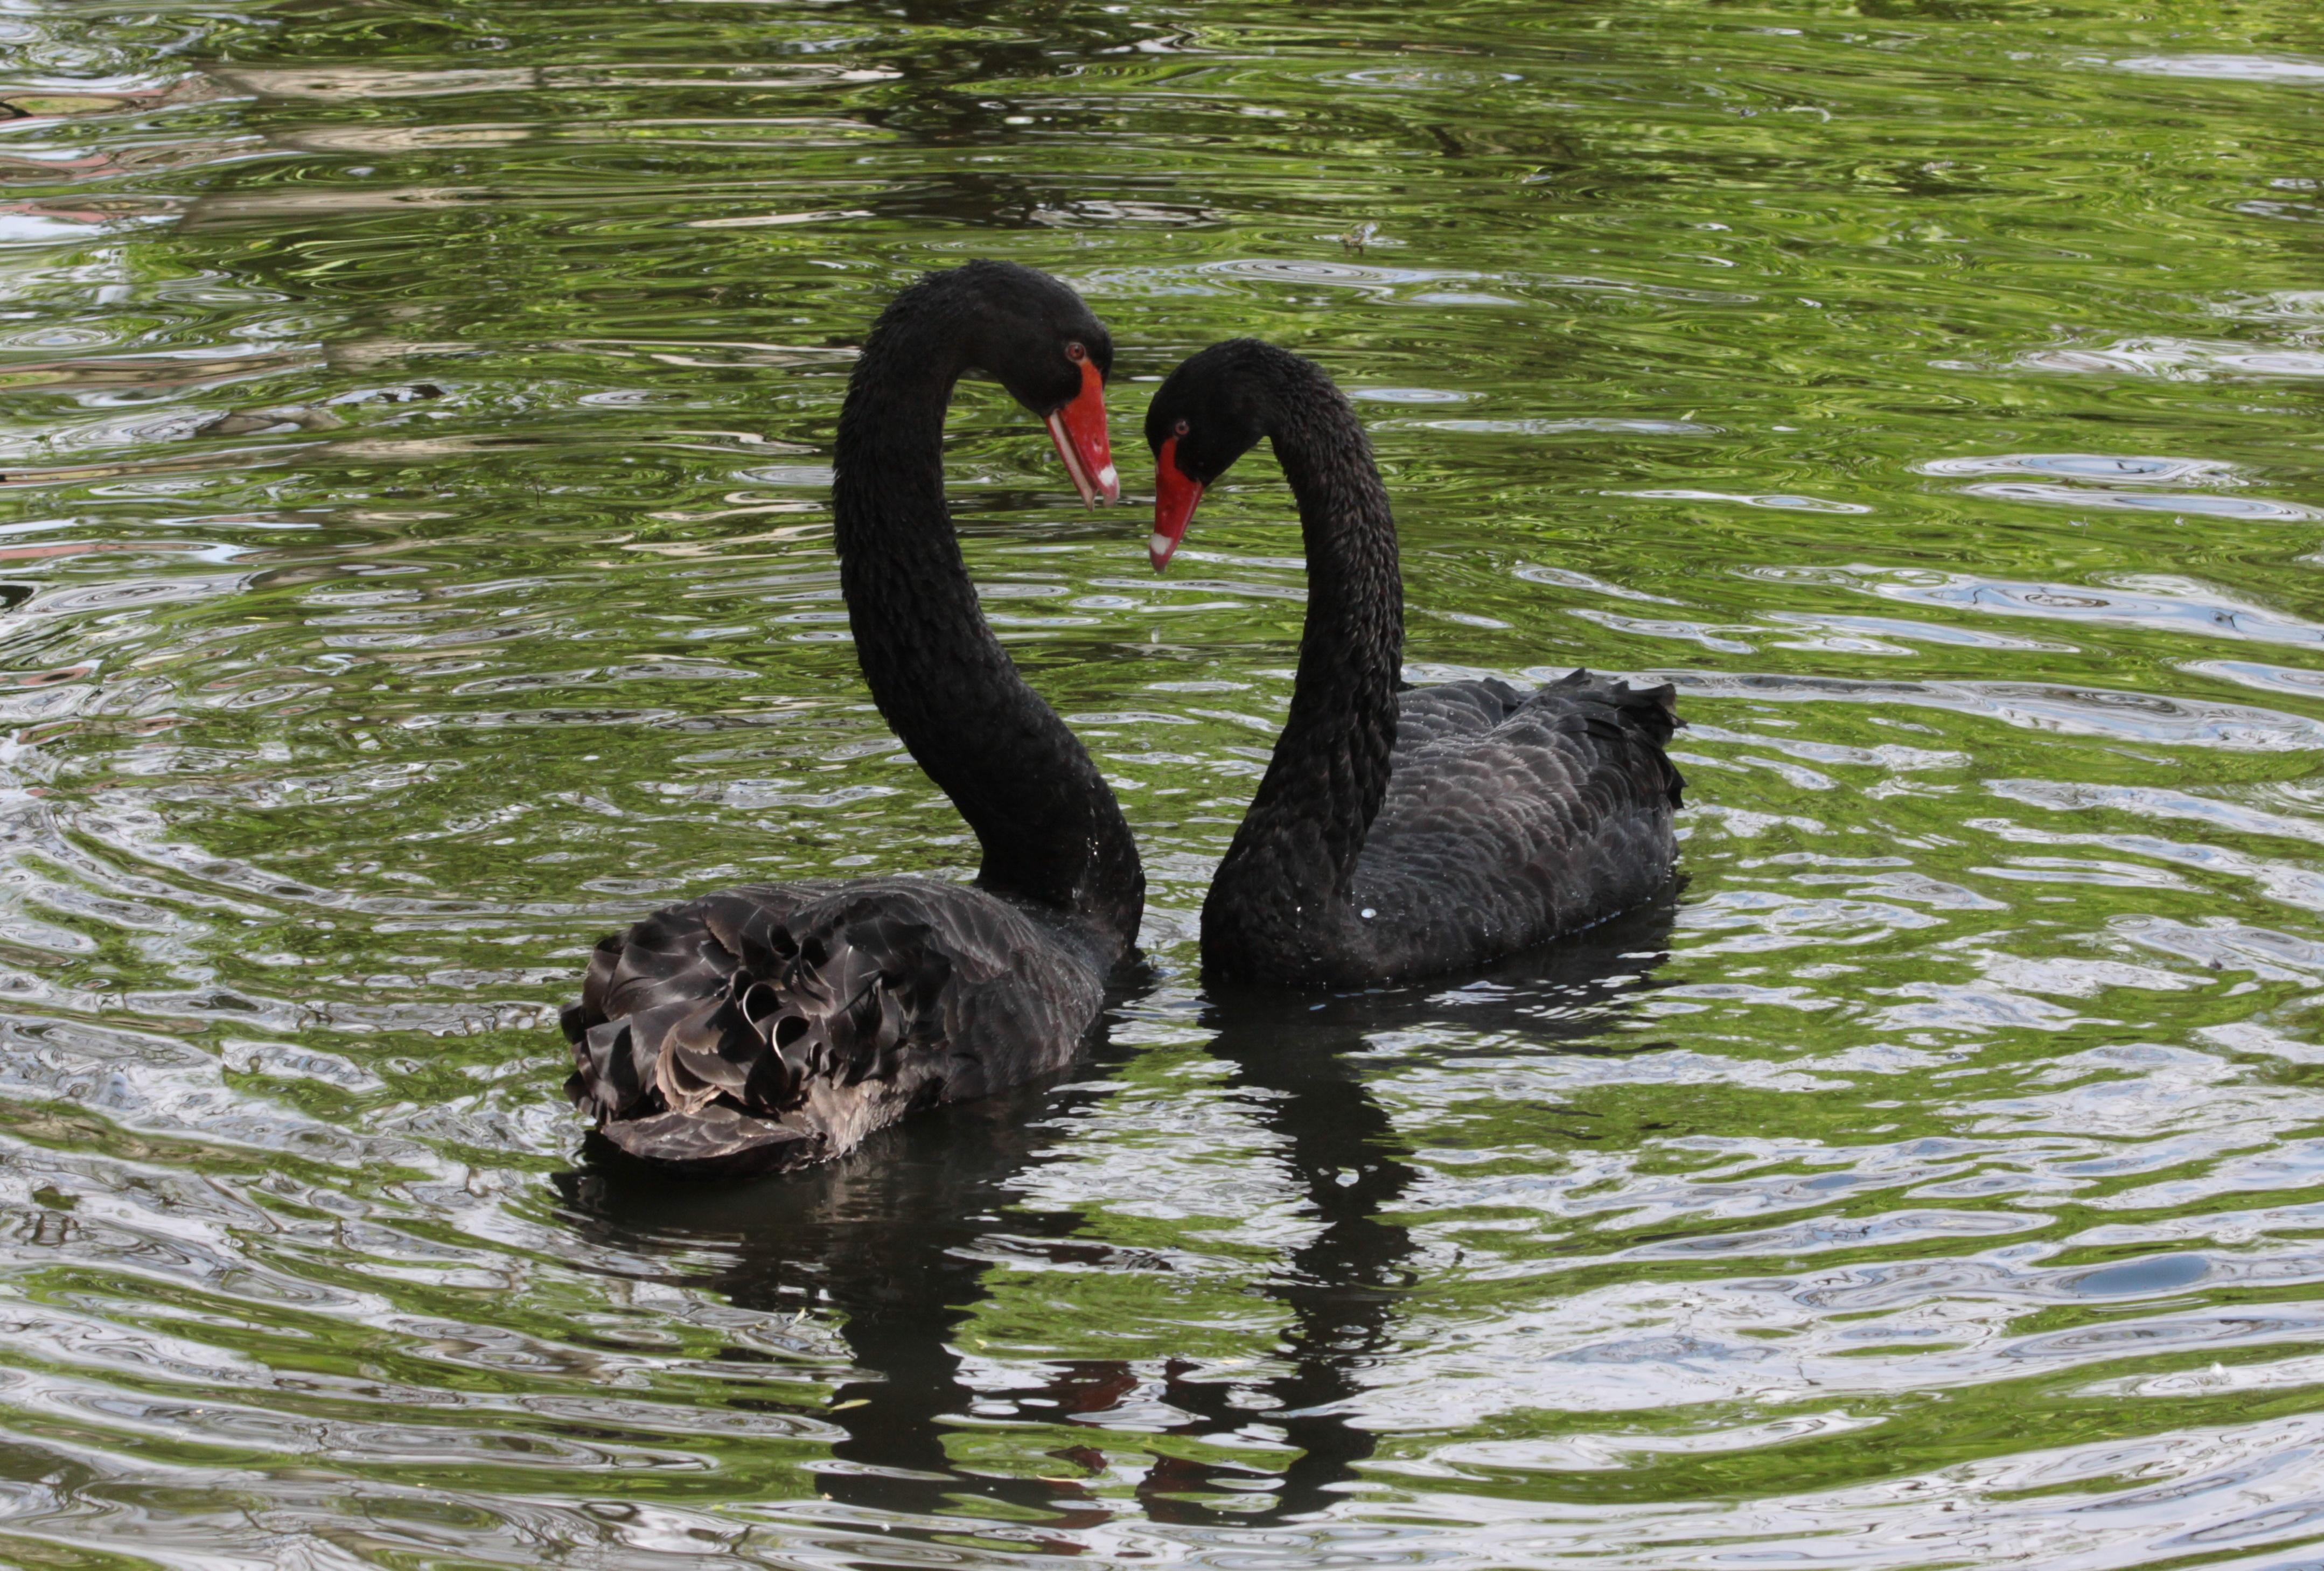 68336 Hintergrundbild herunterladen Tiere, Vögel, Swans, Reflexion, Paar - Bildschirmschoner und Bilder kostenlos